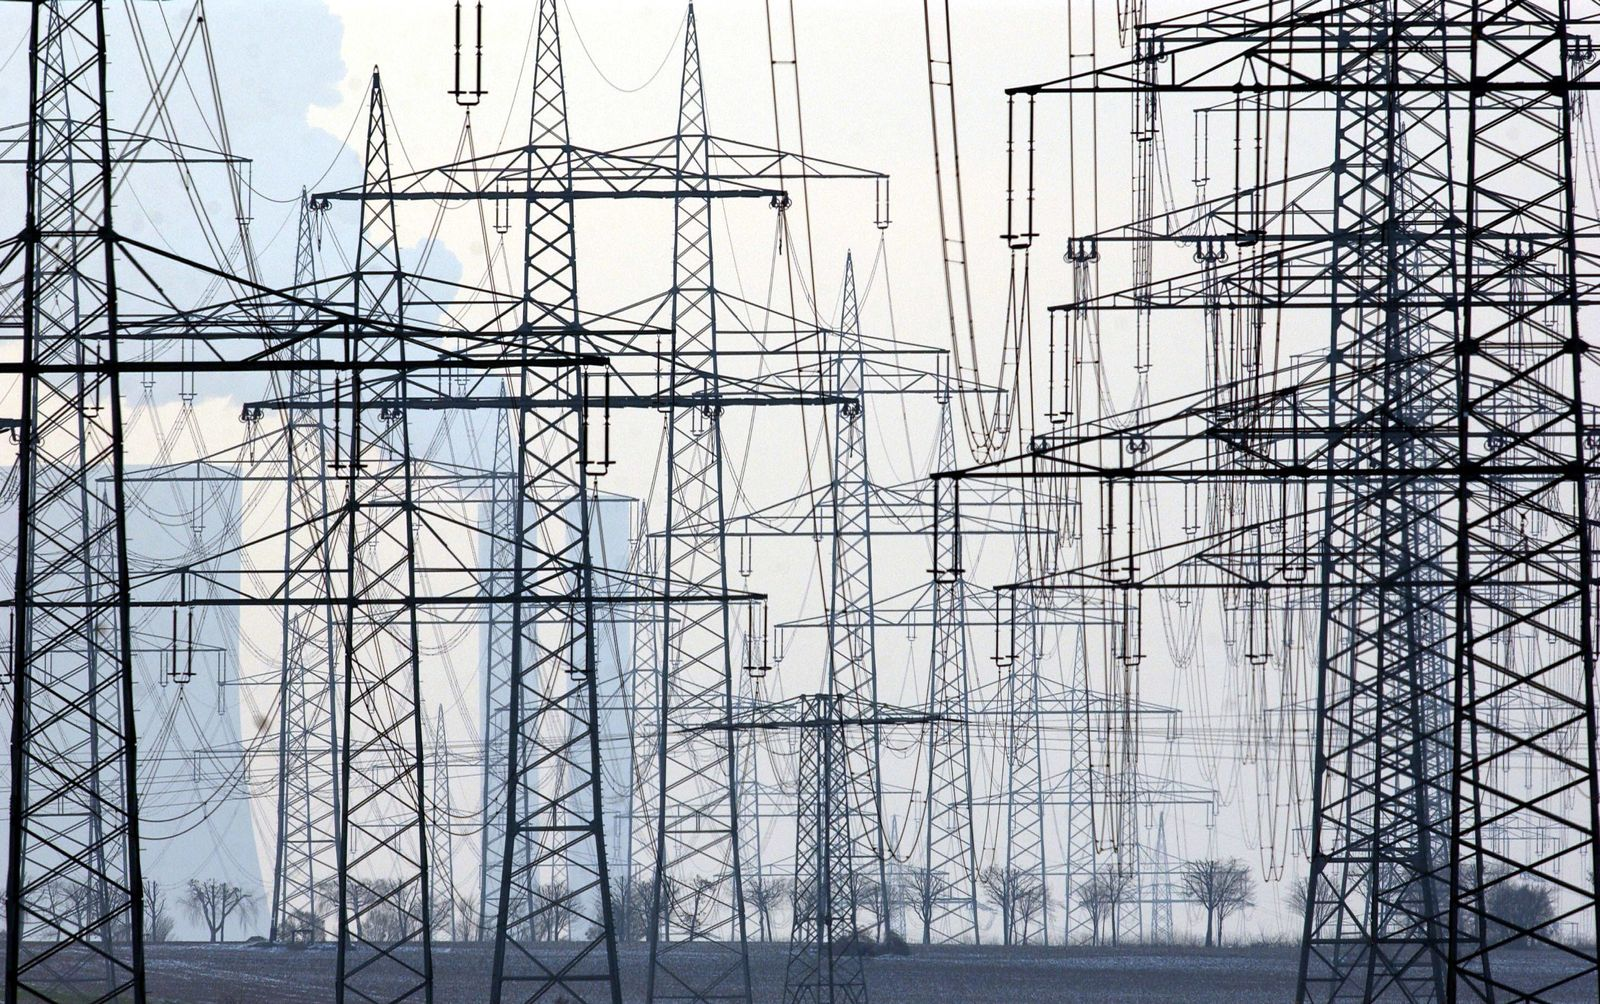 Strommmasten